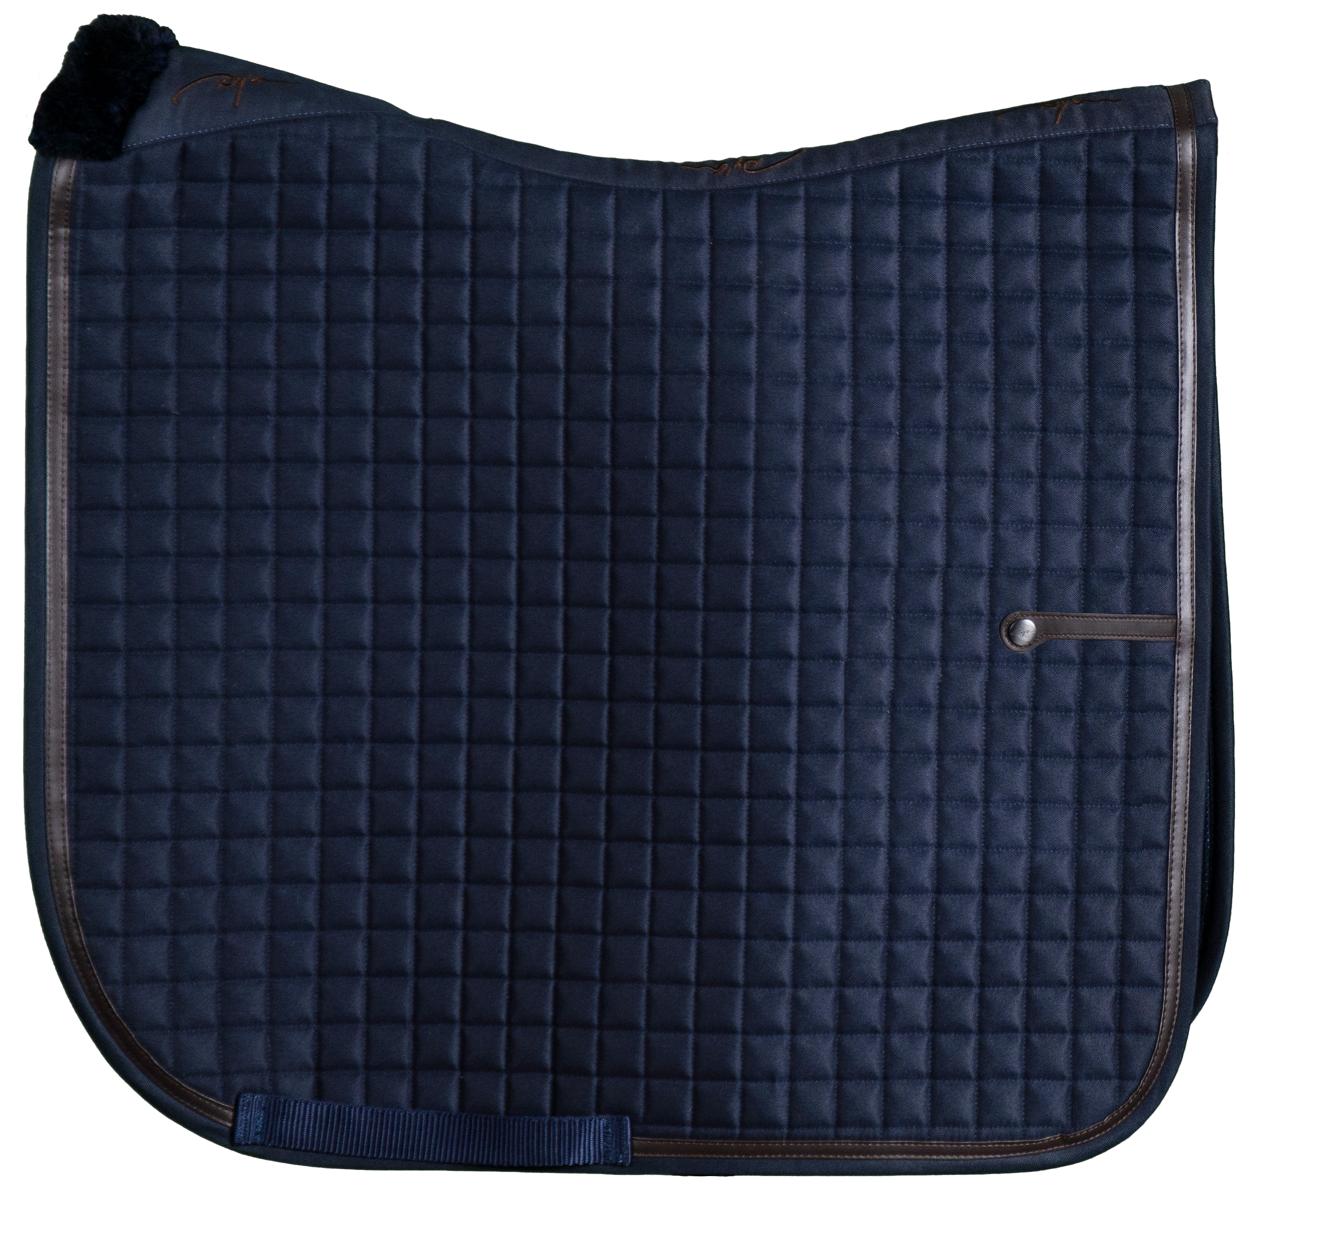 HO22BNA-tapis-dresage-classique-navy-dyon-nouveau